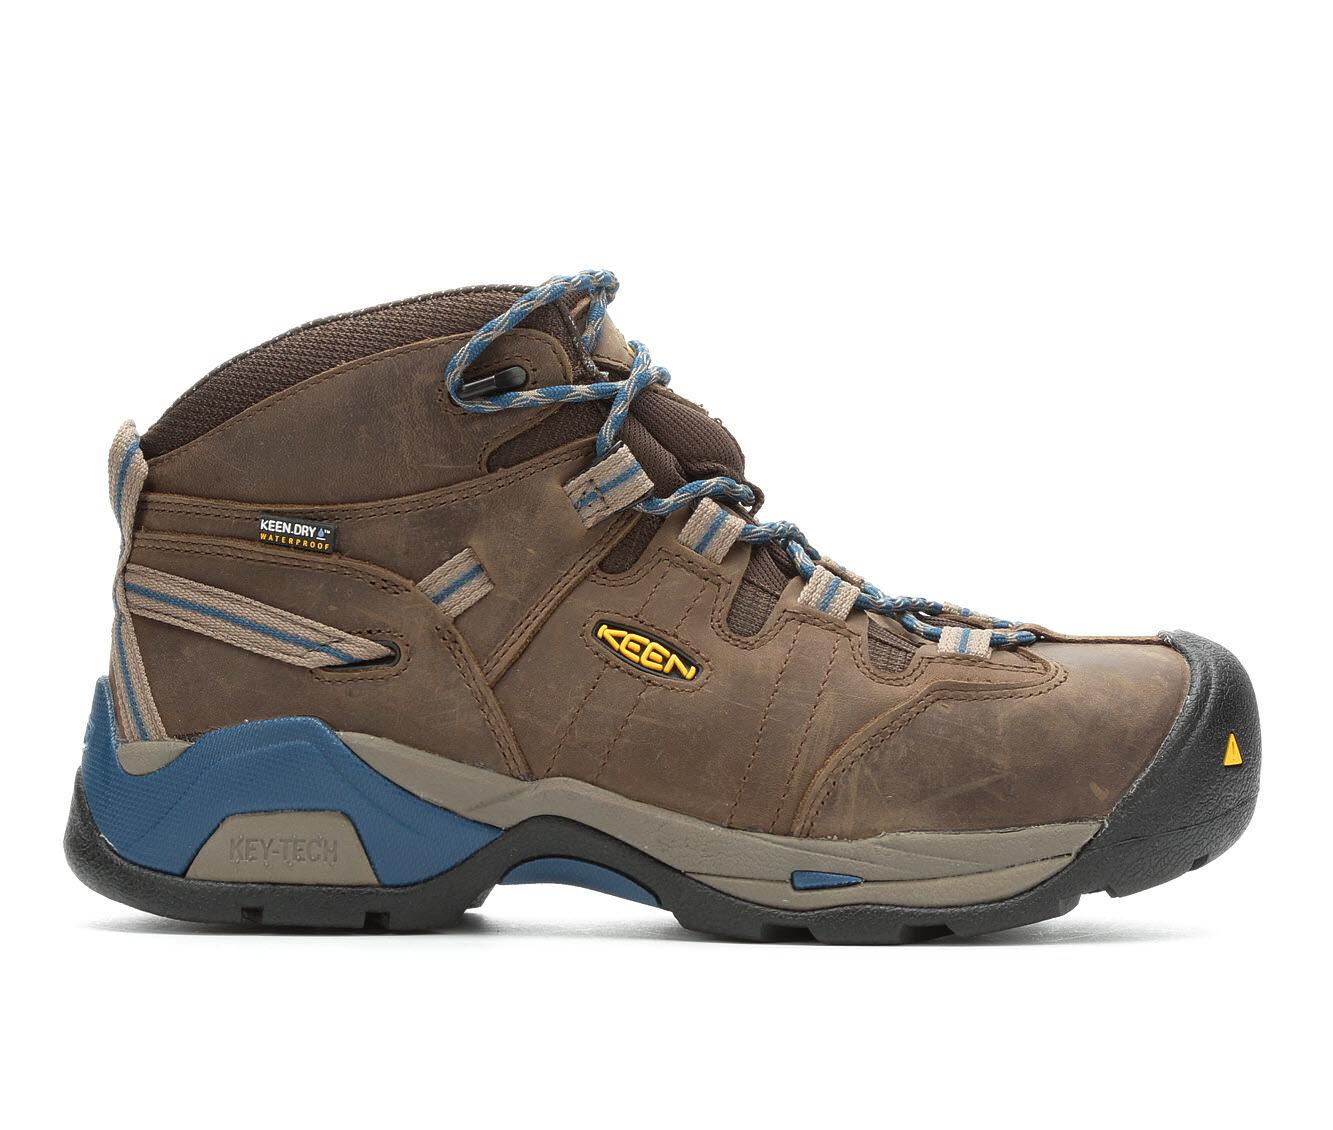 Men's KEEN Utility Detroit XT Mid Steel Toe Waterproof Work Boots Cascade Br/Bl